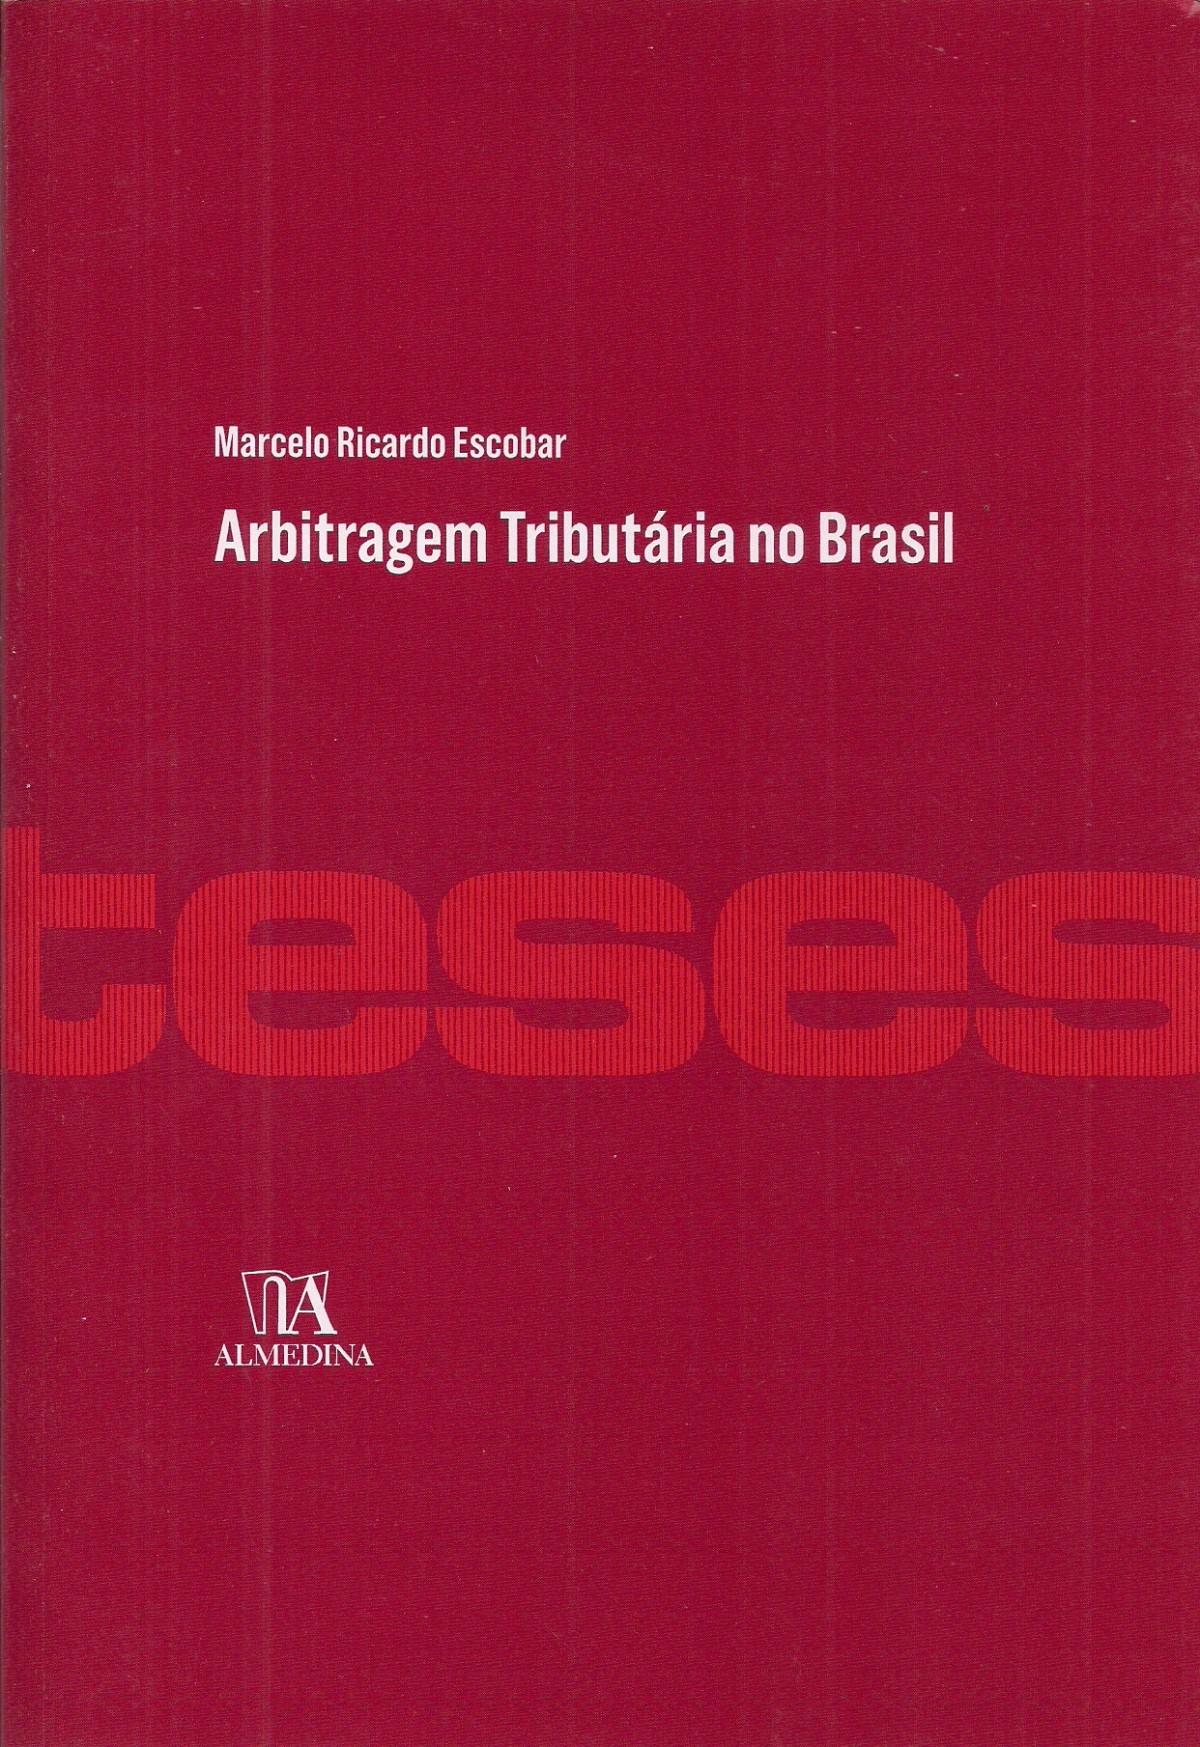 Foto 1 - Arbitragem Tributária no Brasil